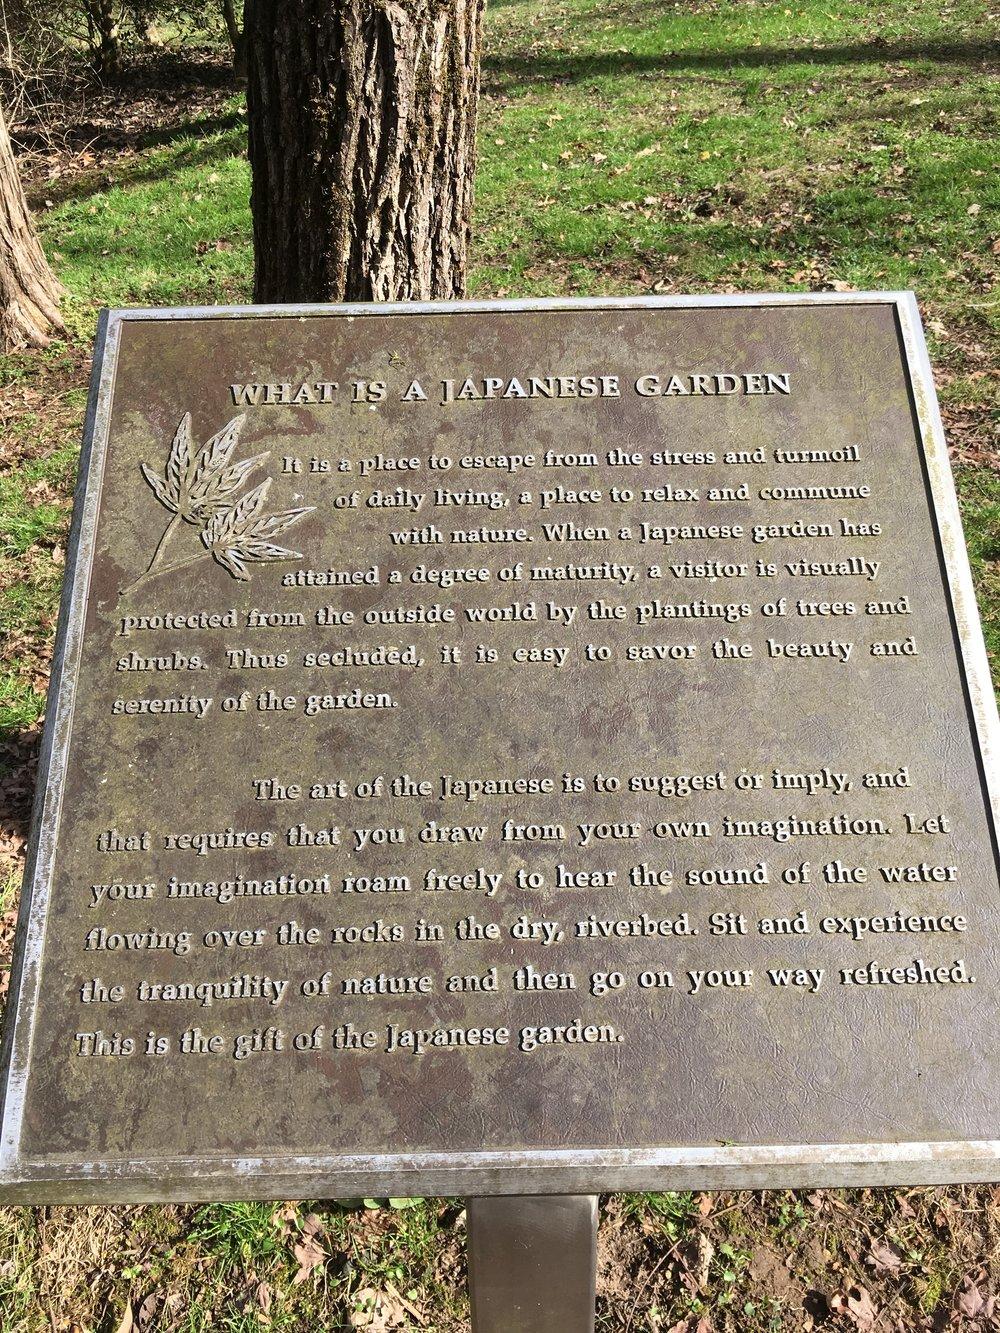 JapaneseGarden.JPG